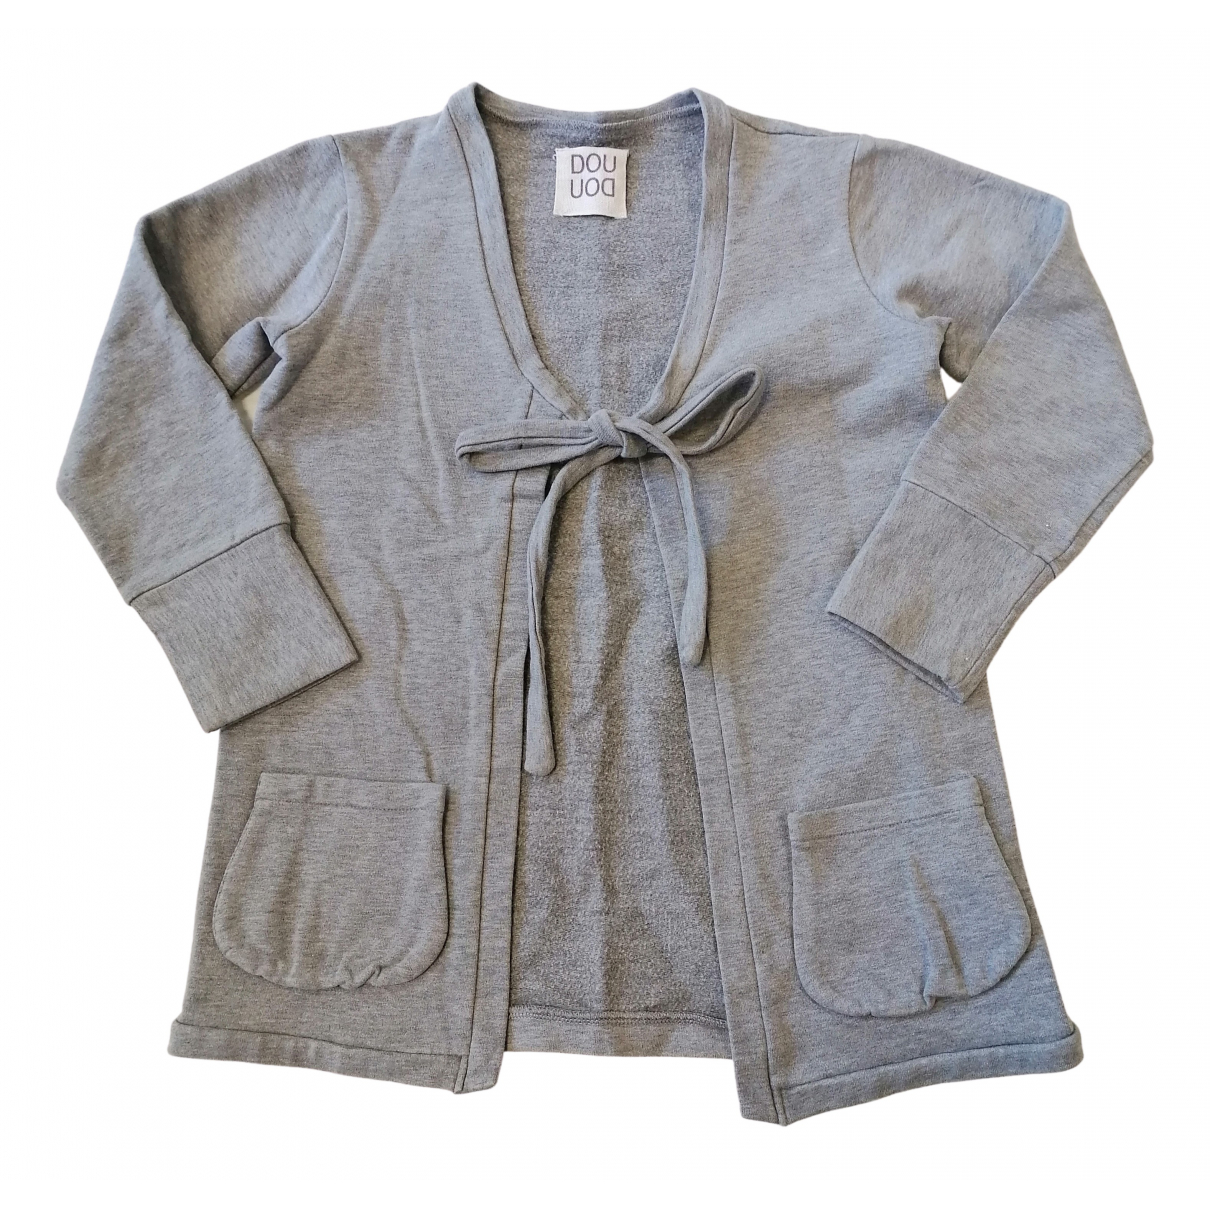 Douuod - Pull   pour enfant en coton - gris